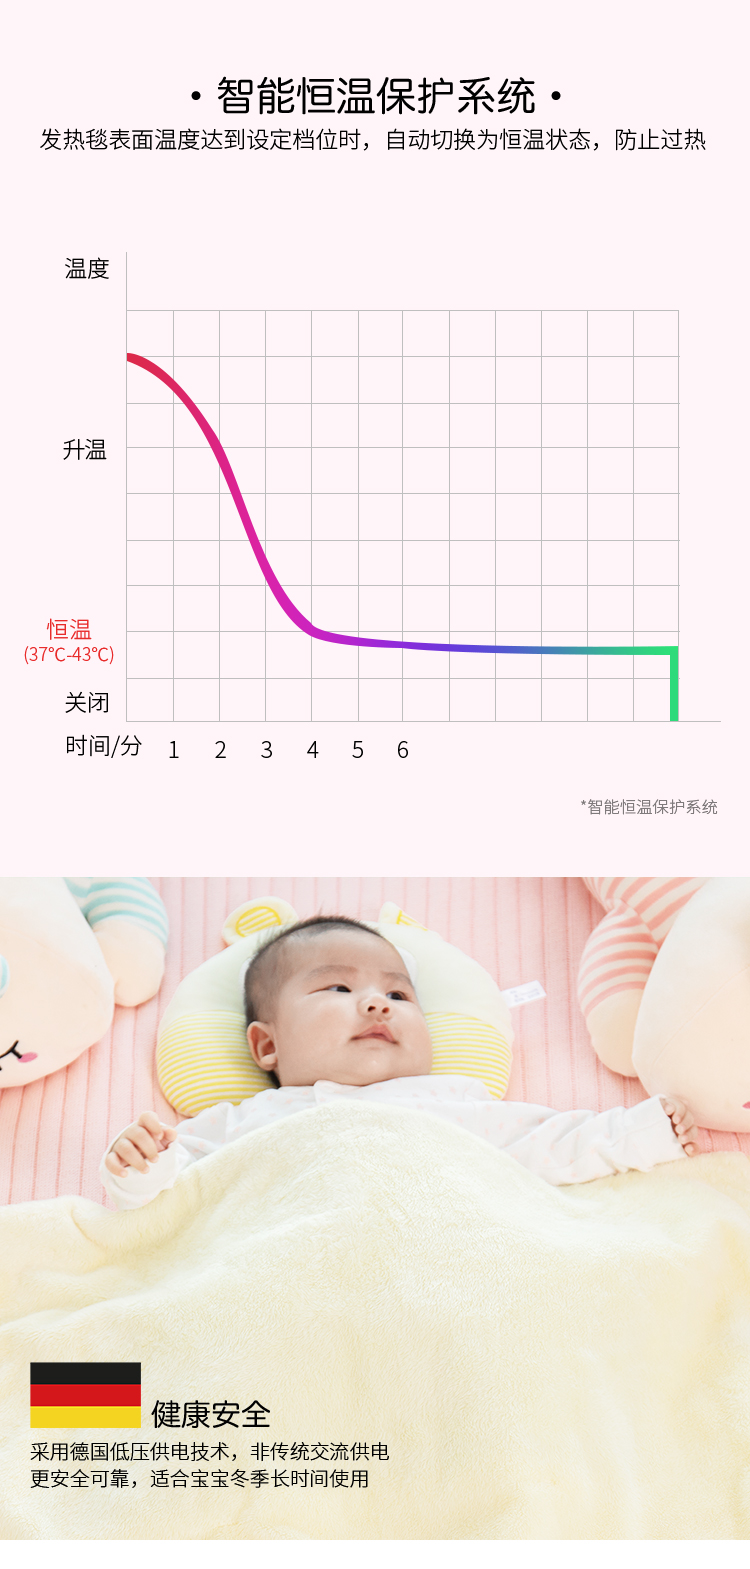 嬰兒電熱毯詳情頁_05.jpg